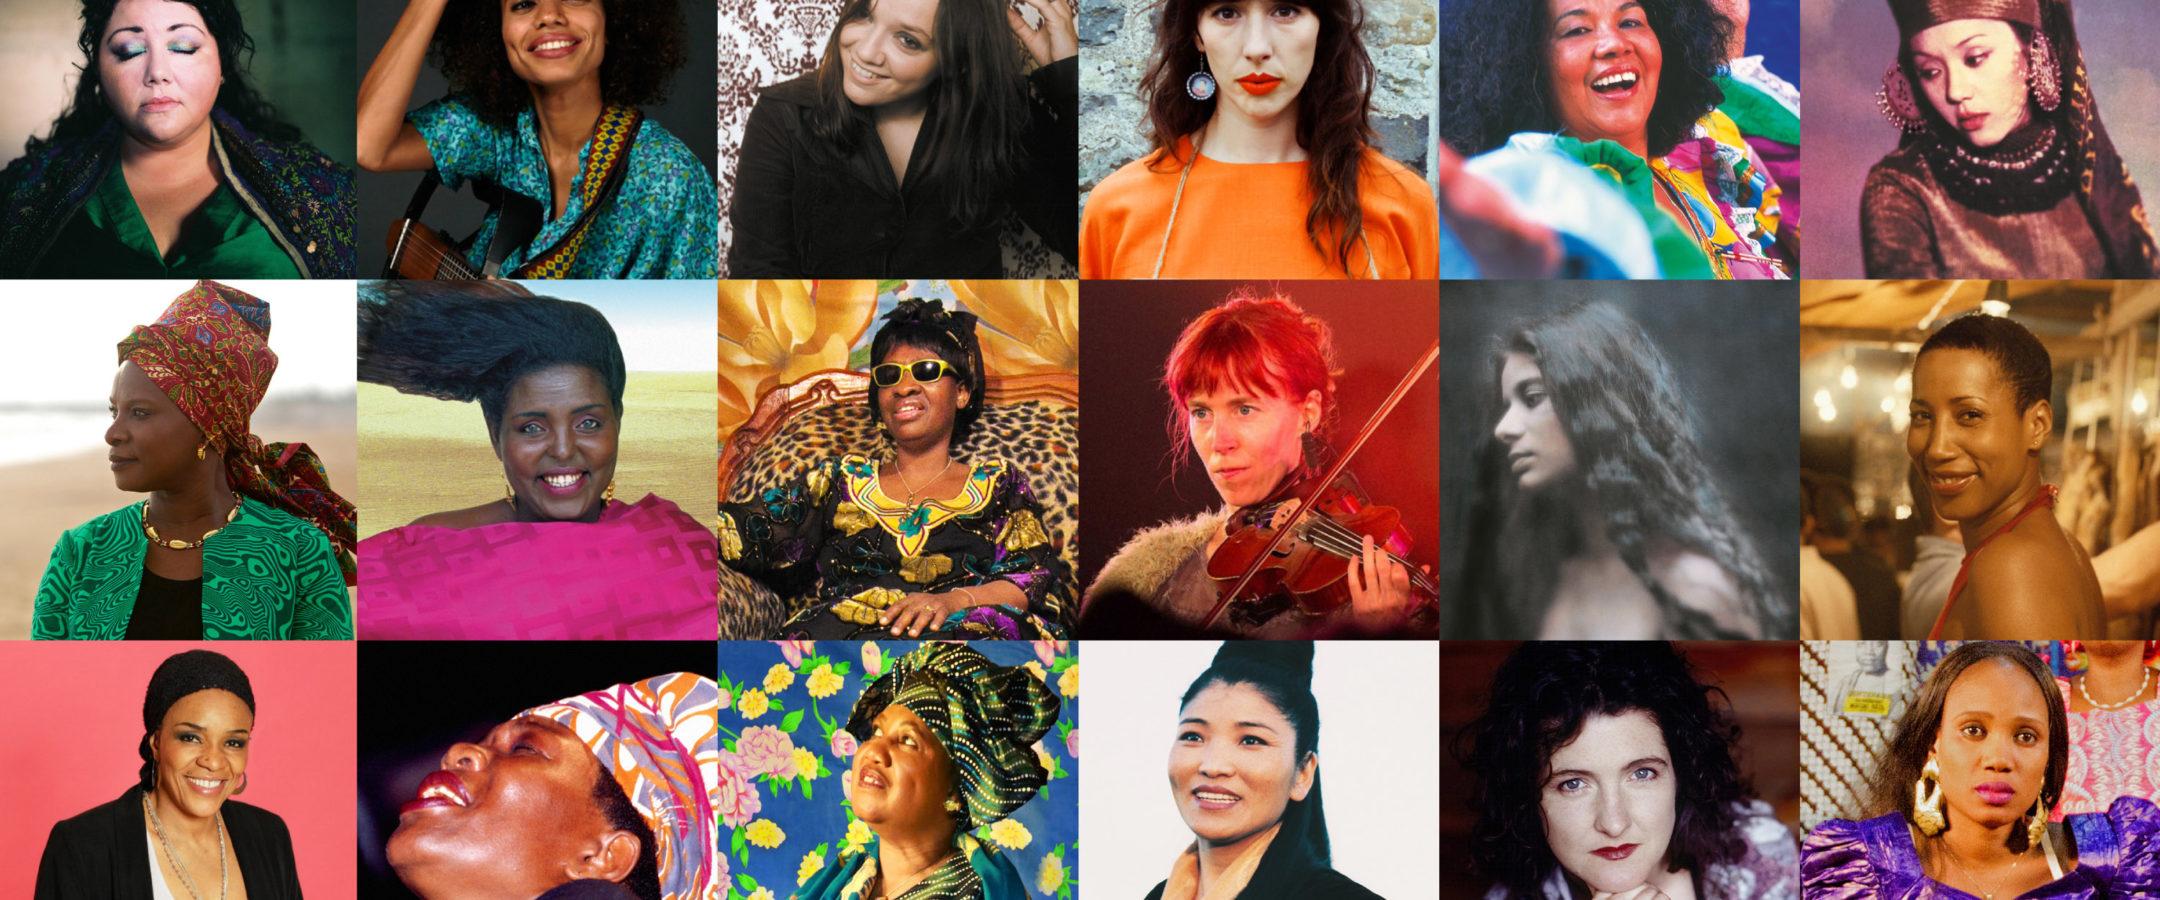 Bir kadın olarak yaşanacak en iyi ülkeler hangileri?